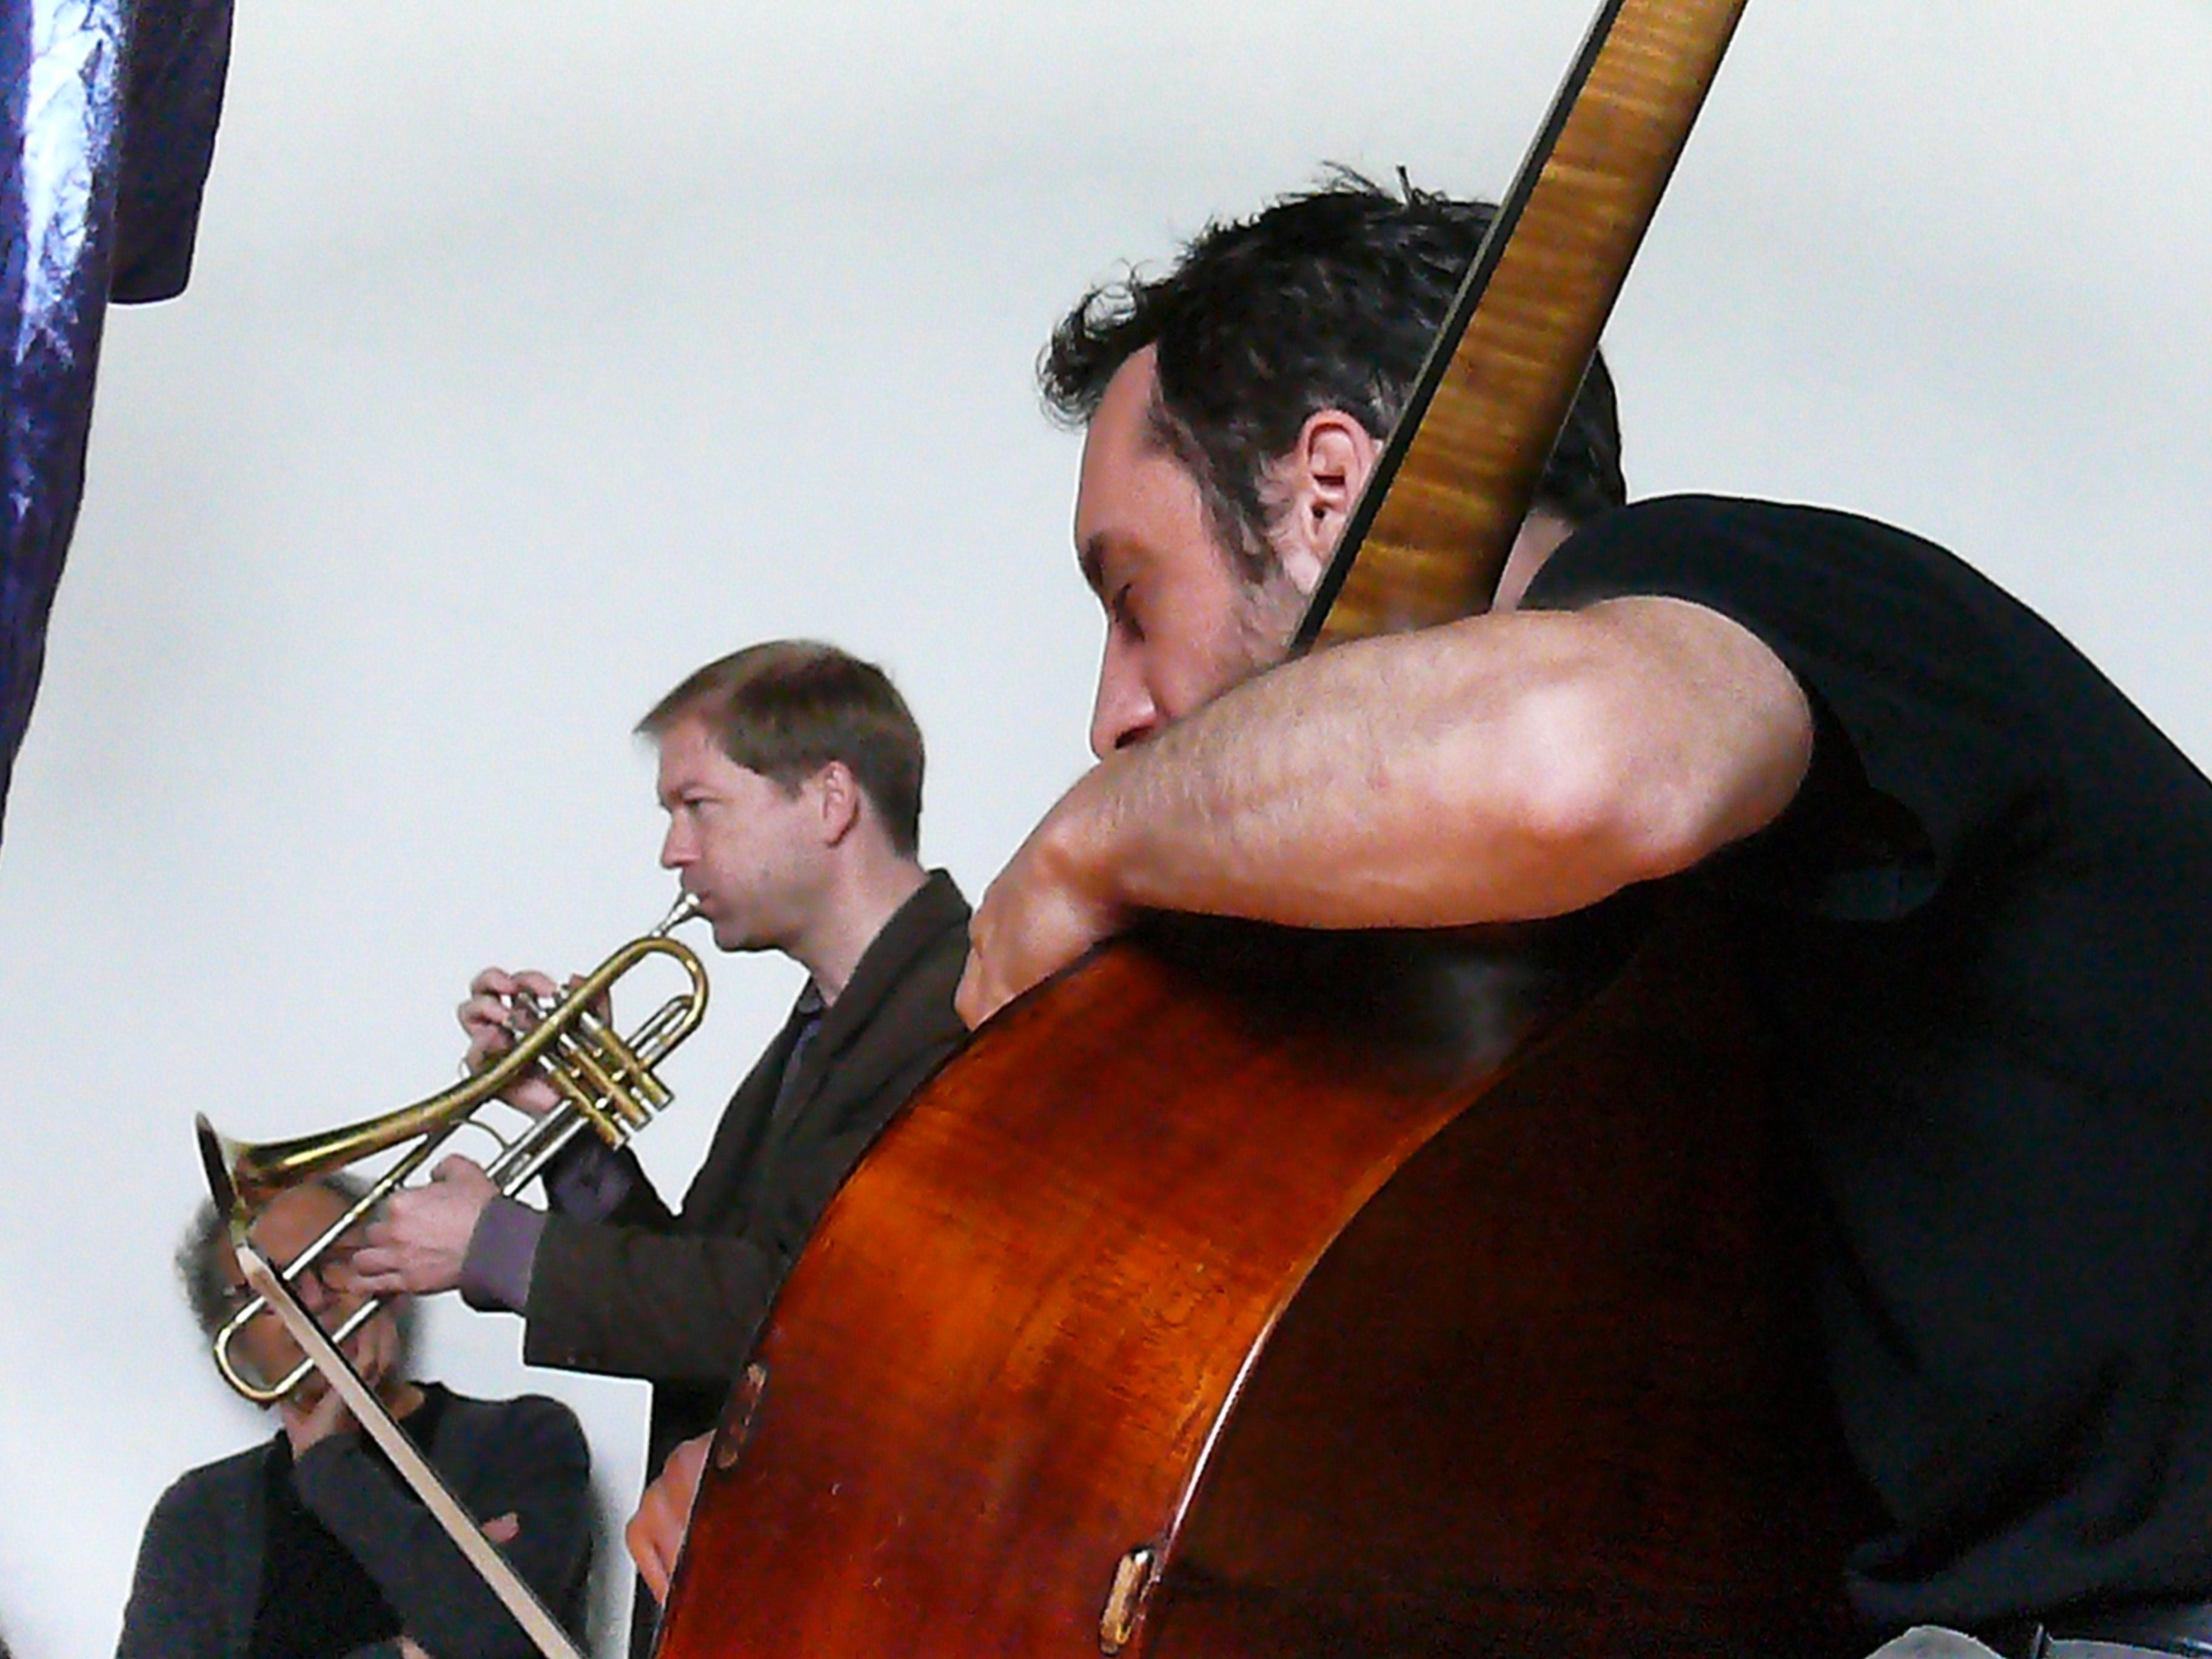 Axel Dorner and Antonio Borghini in Groningen, August 2011